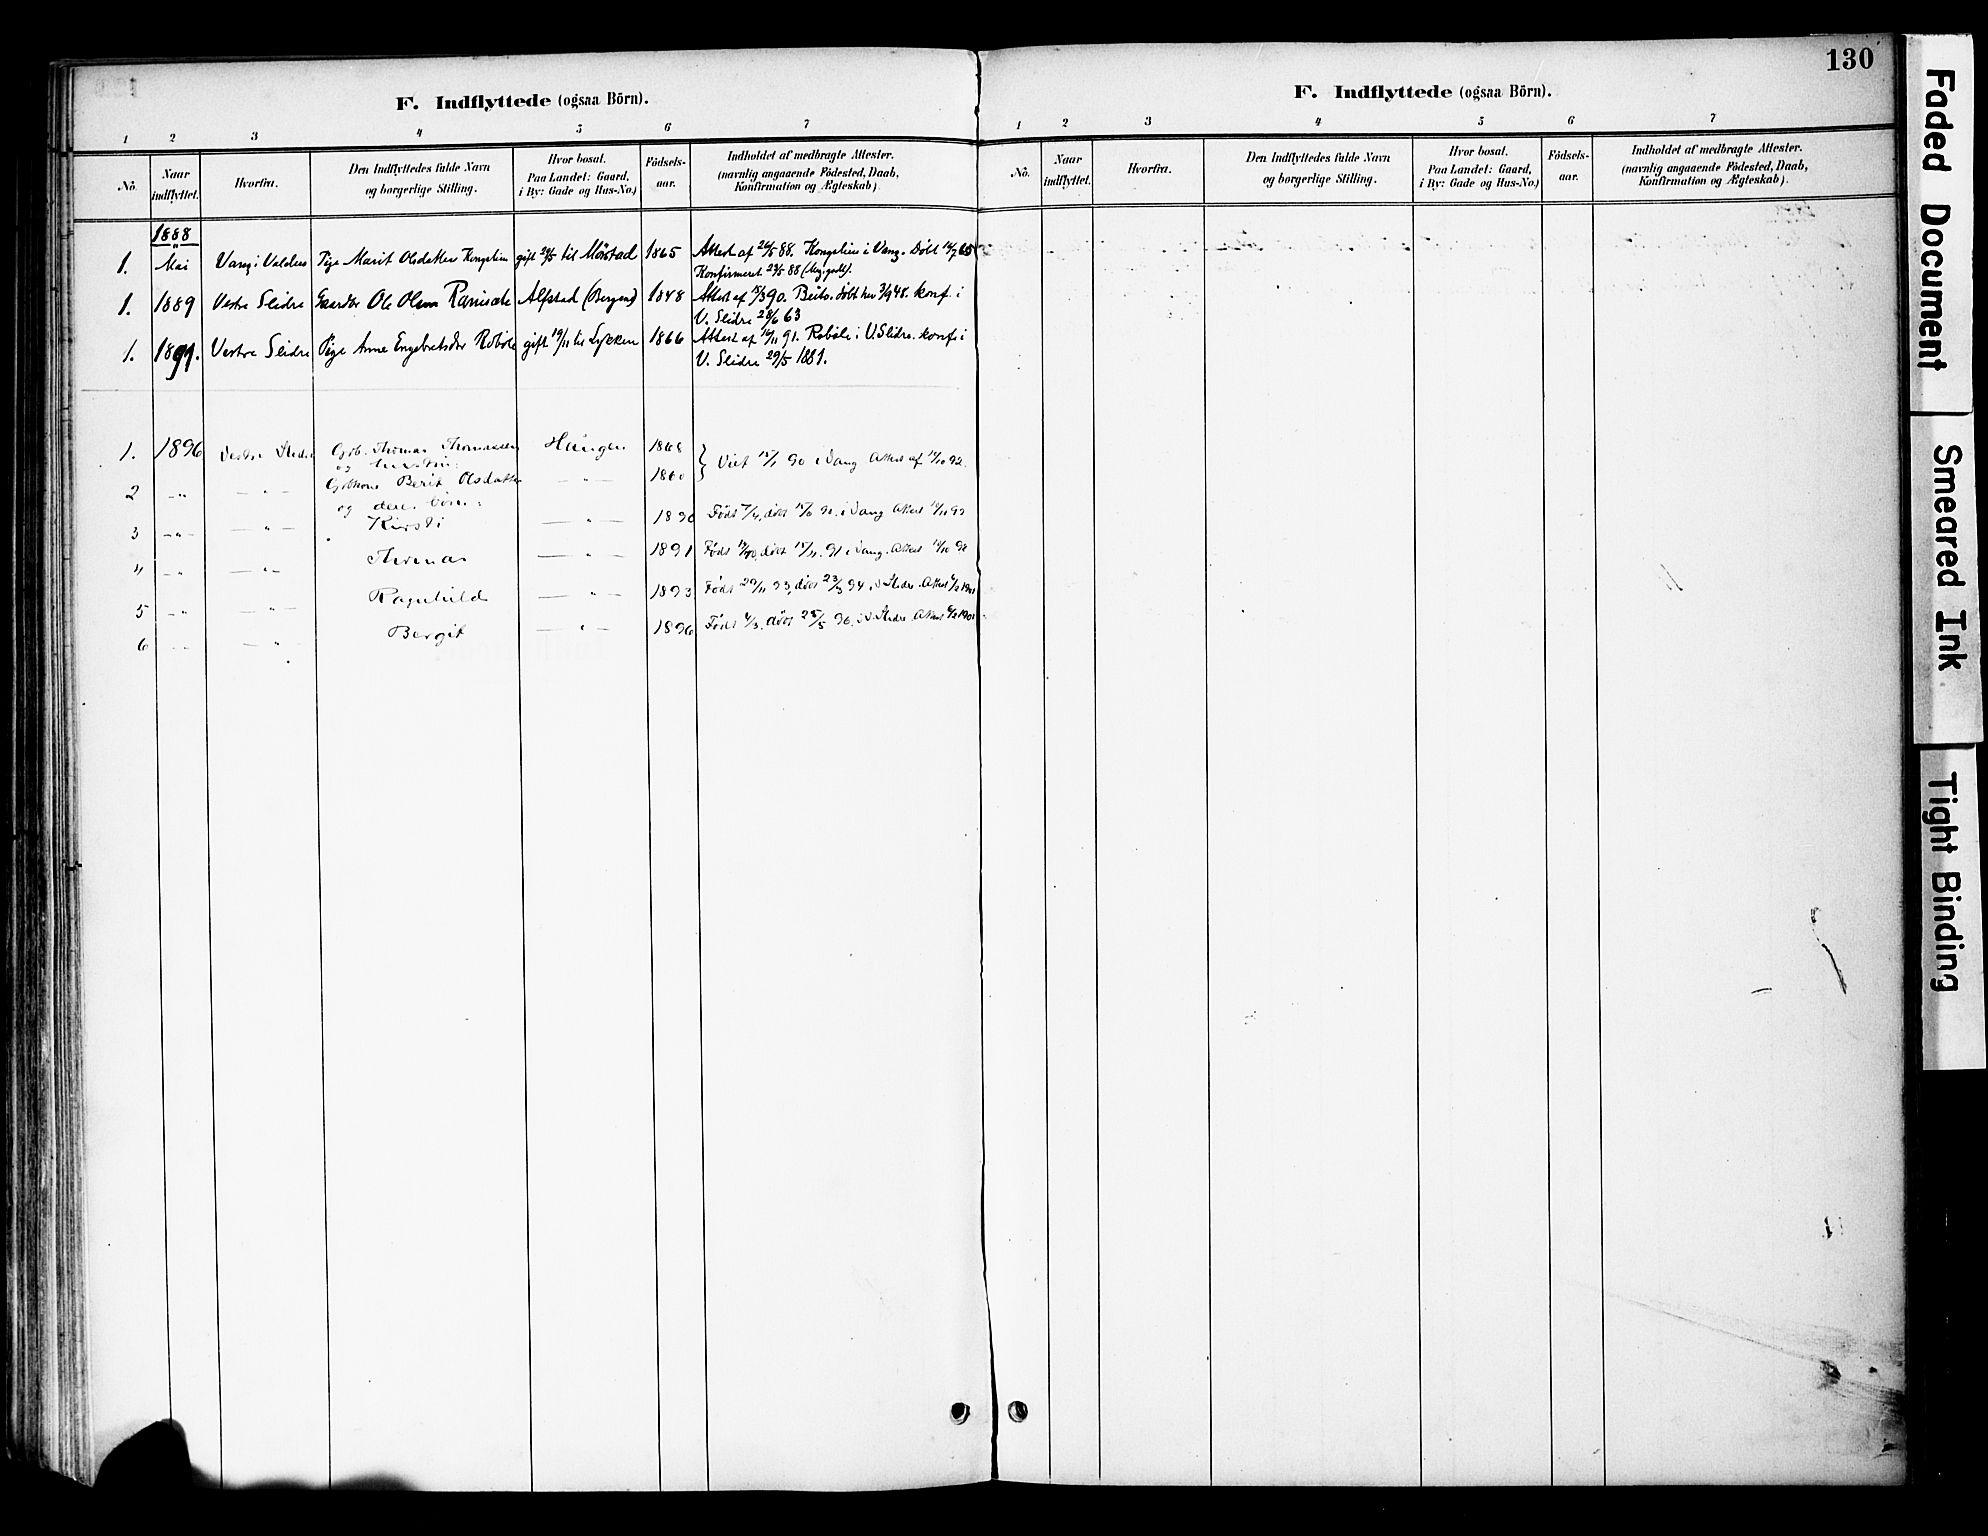 SAH, Øystre Slidre prestekontor, Ministerialbok nr. 4, 1887-1910, s. 130